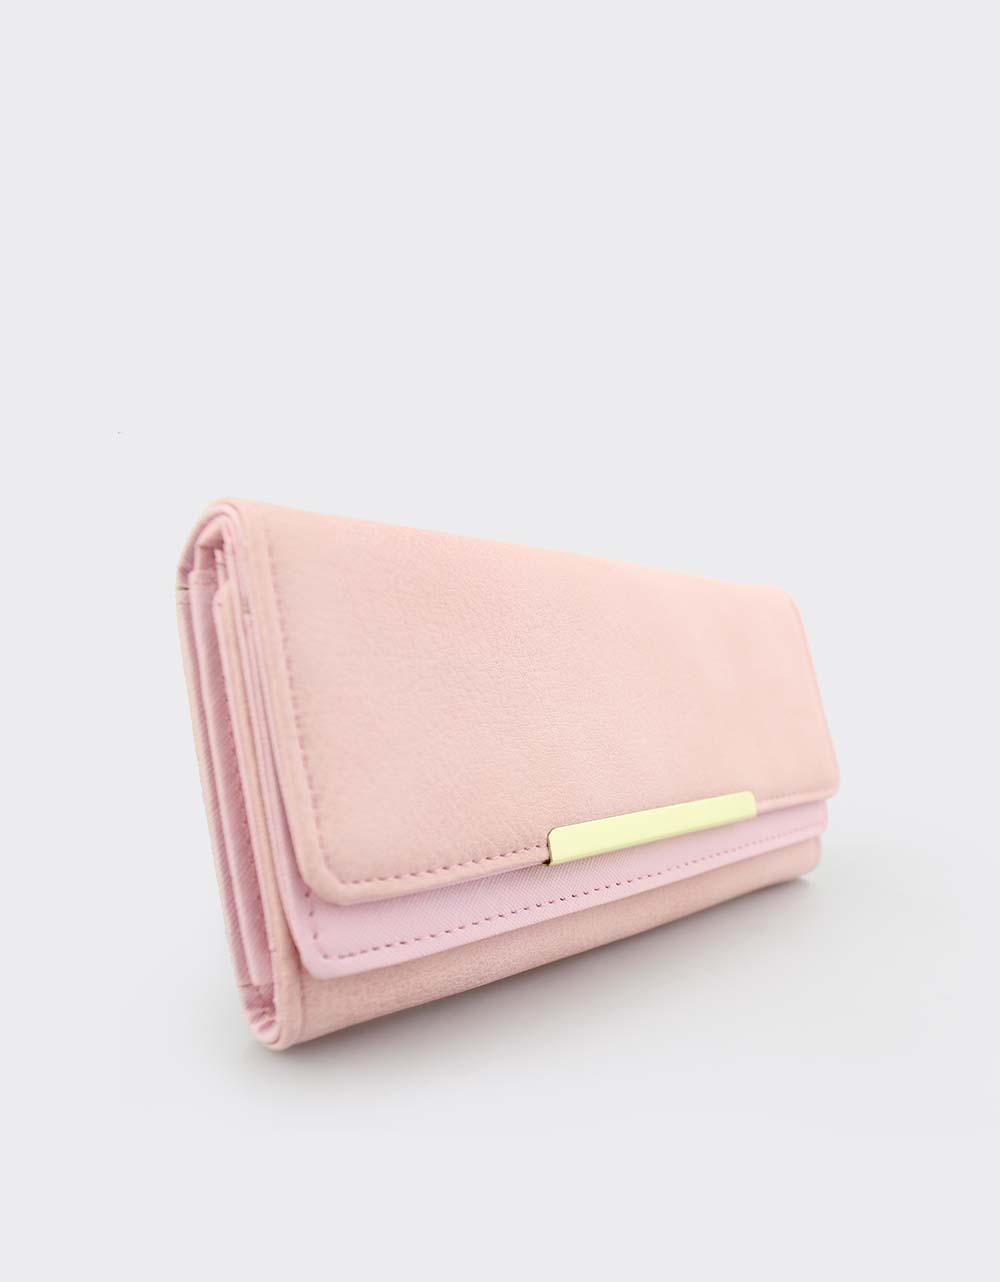 dea8157672 Εικόνα από Γυναικεία πορτοφόλια με μεταλλικό διακοσμητικό Ροζ